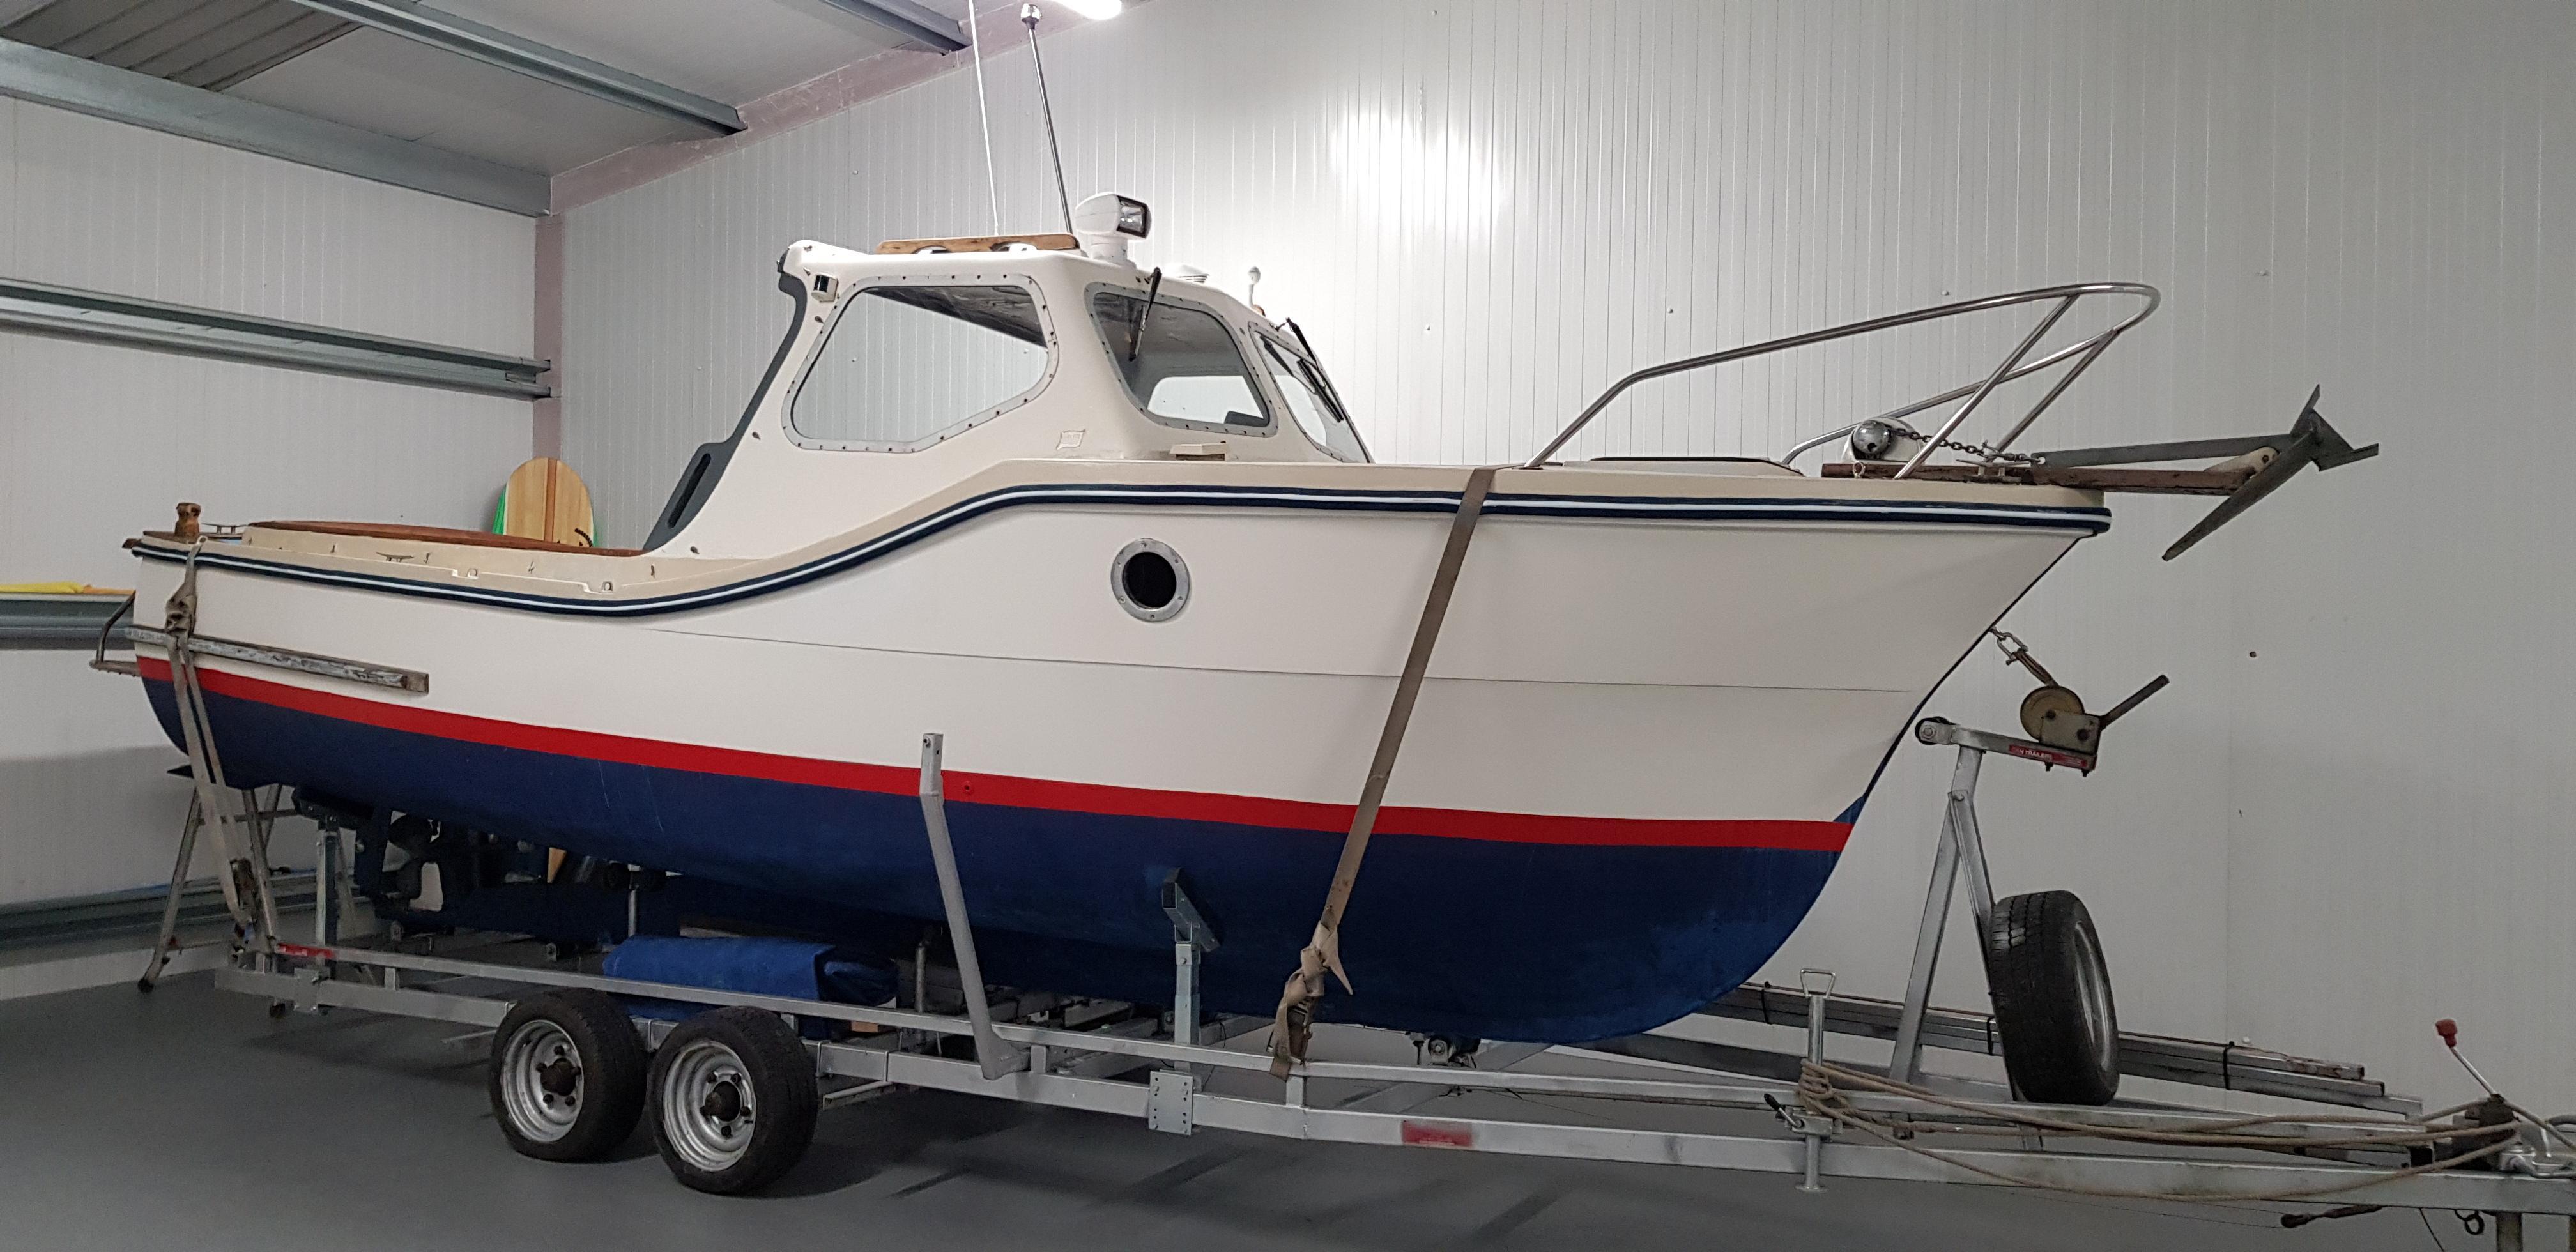 Seaworker 22